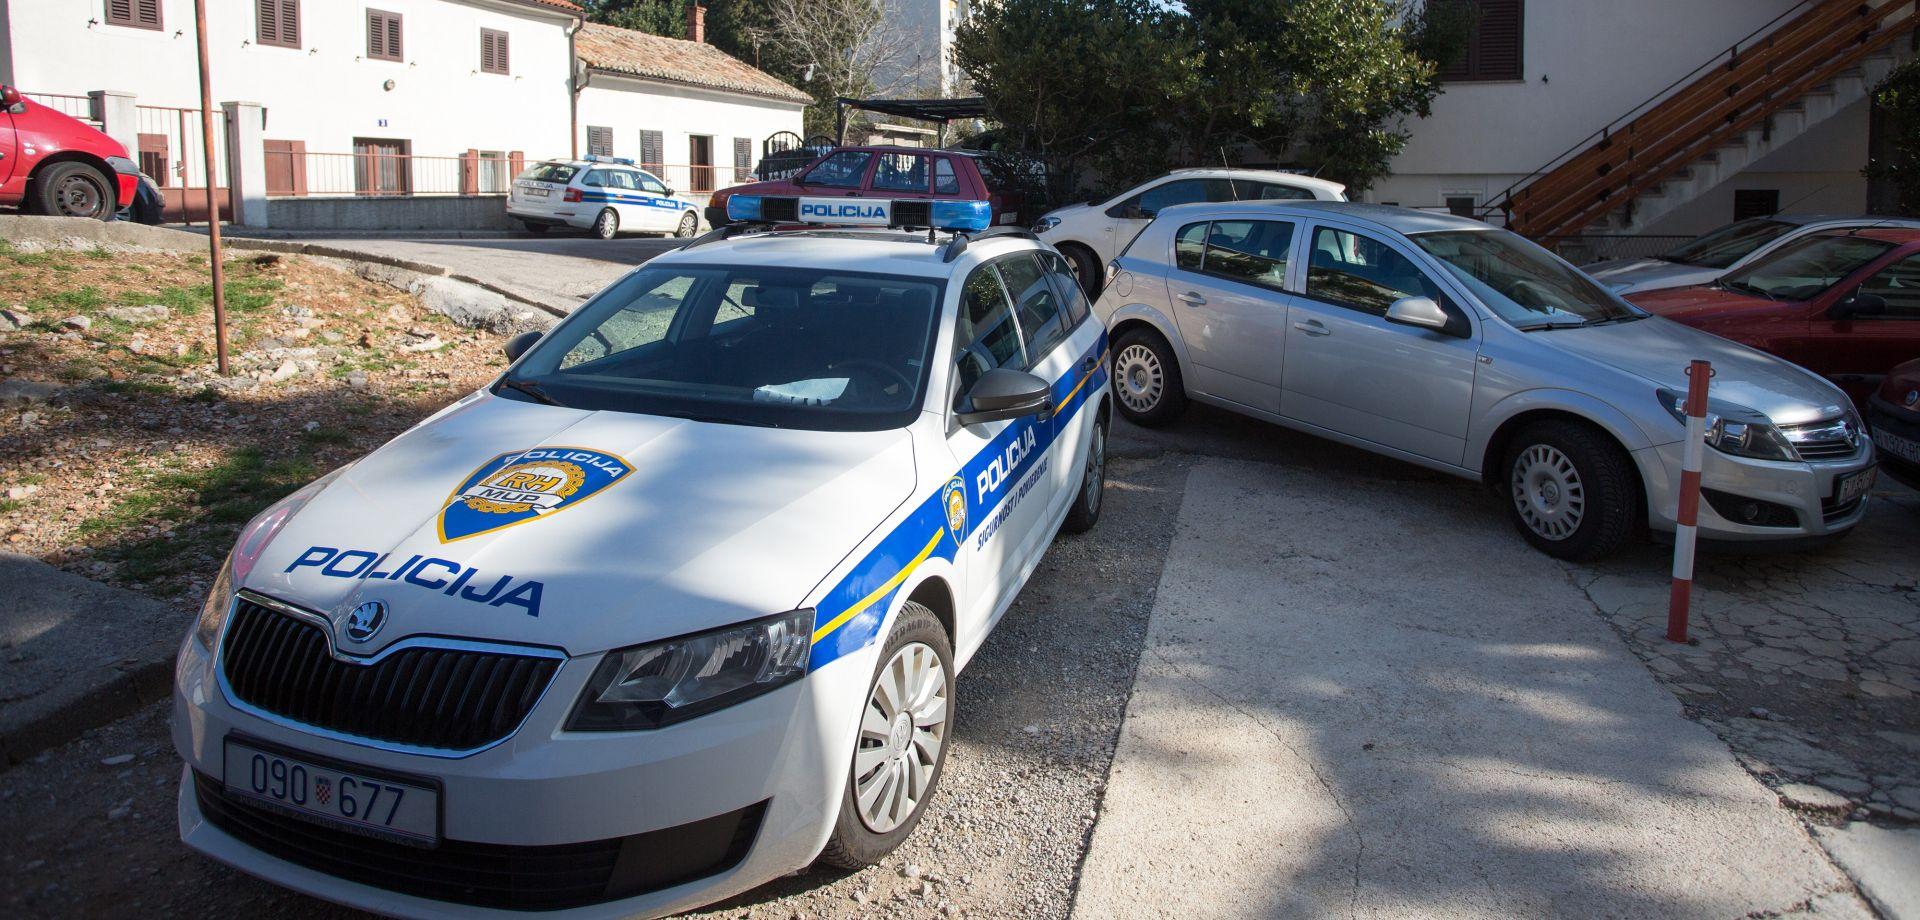 UBOJSTVO U RIJECI: Prekinut nadzor ceste kod Duge Rese, nastavljena potraga za osumnjičenim